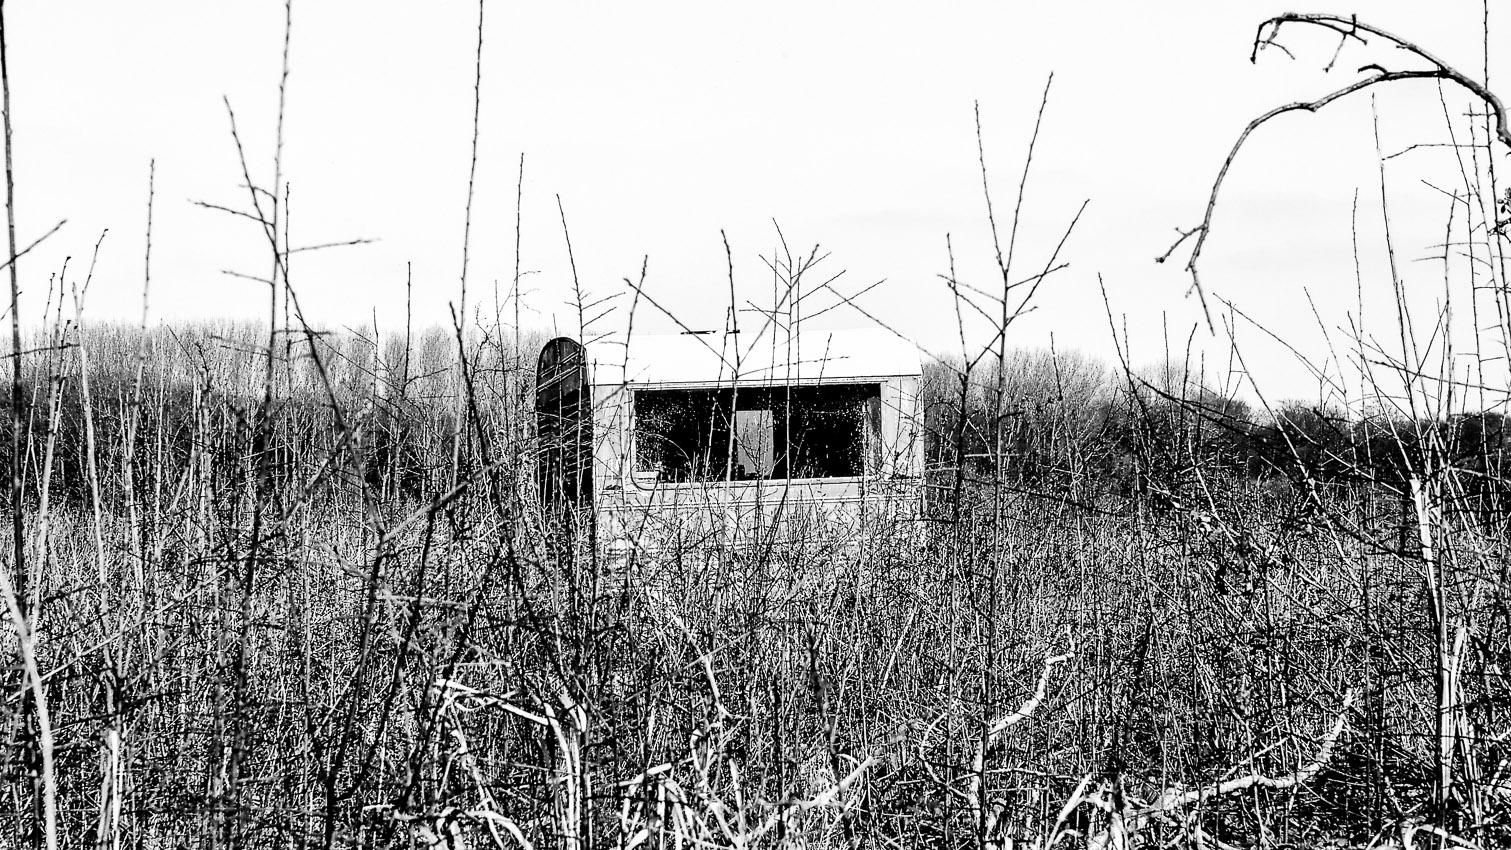 06-parc-foret-location-decors-film-cinema-photo-belgium-bruxelles